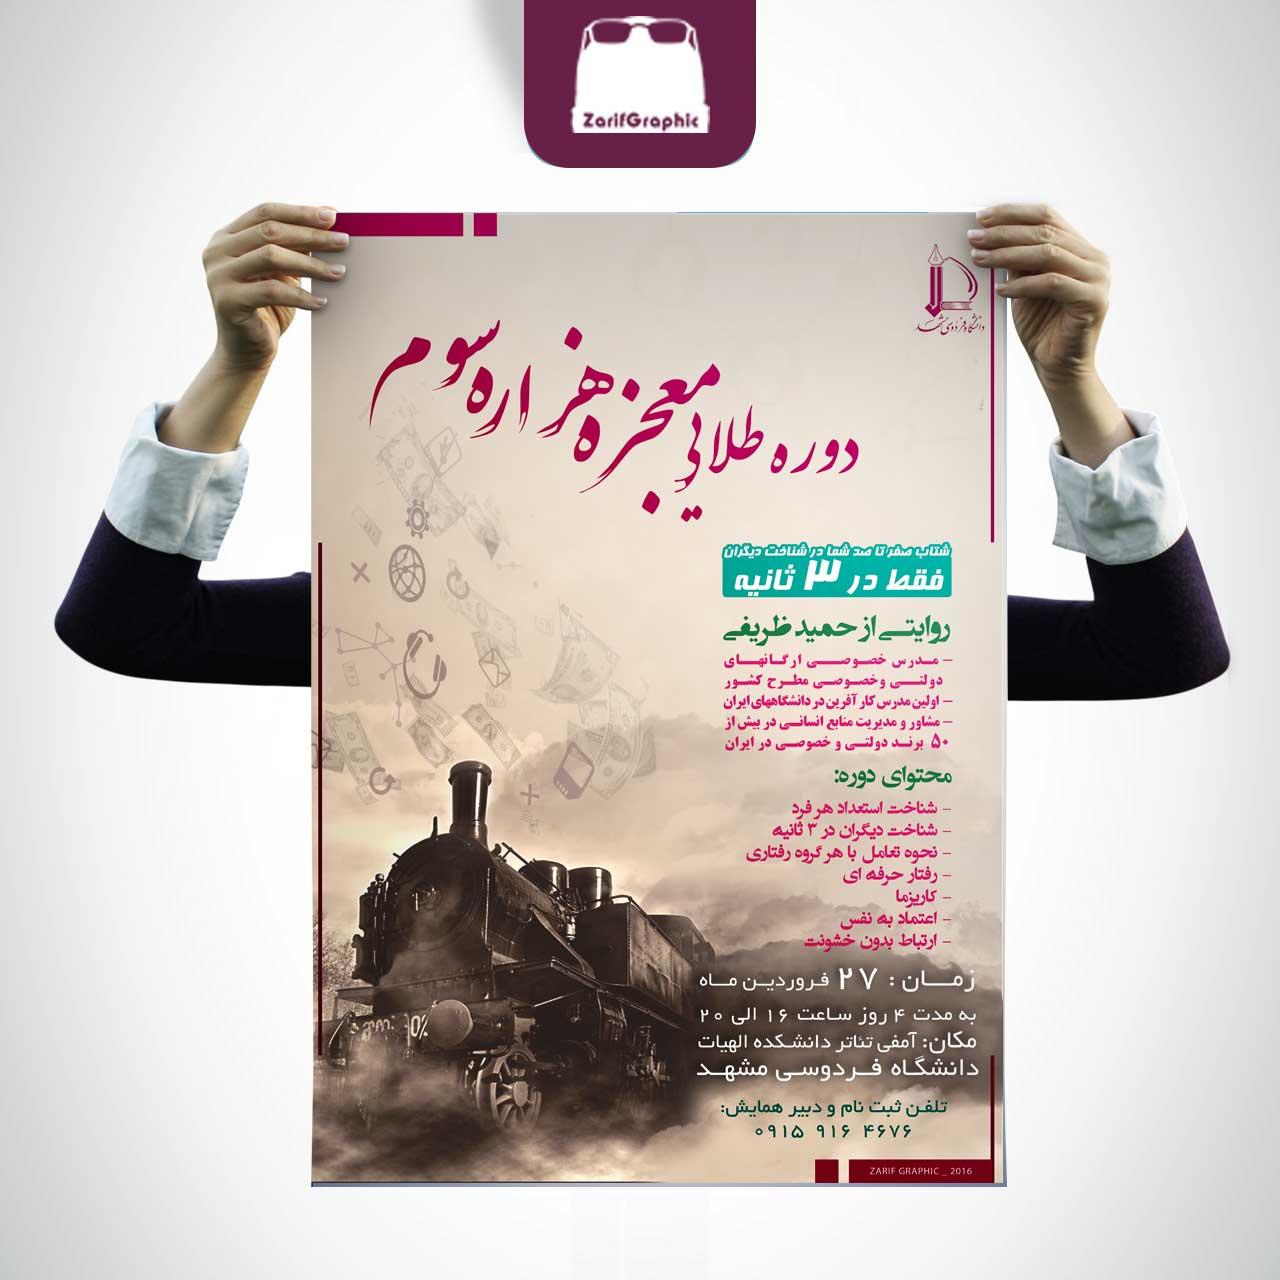 طراحی پوستر حرفه ای تبلیغاتی